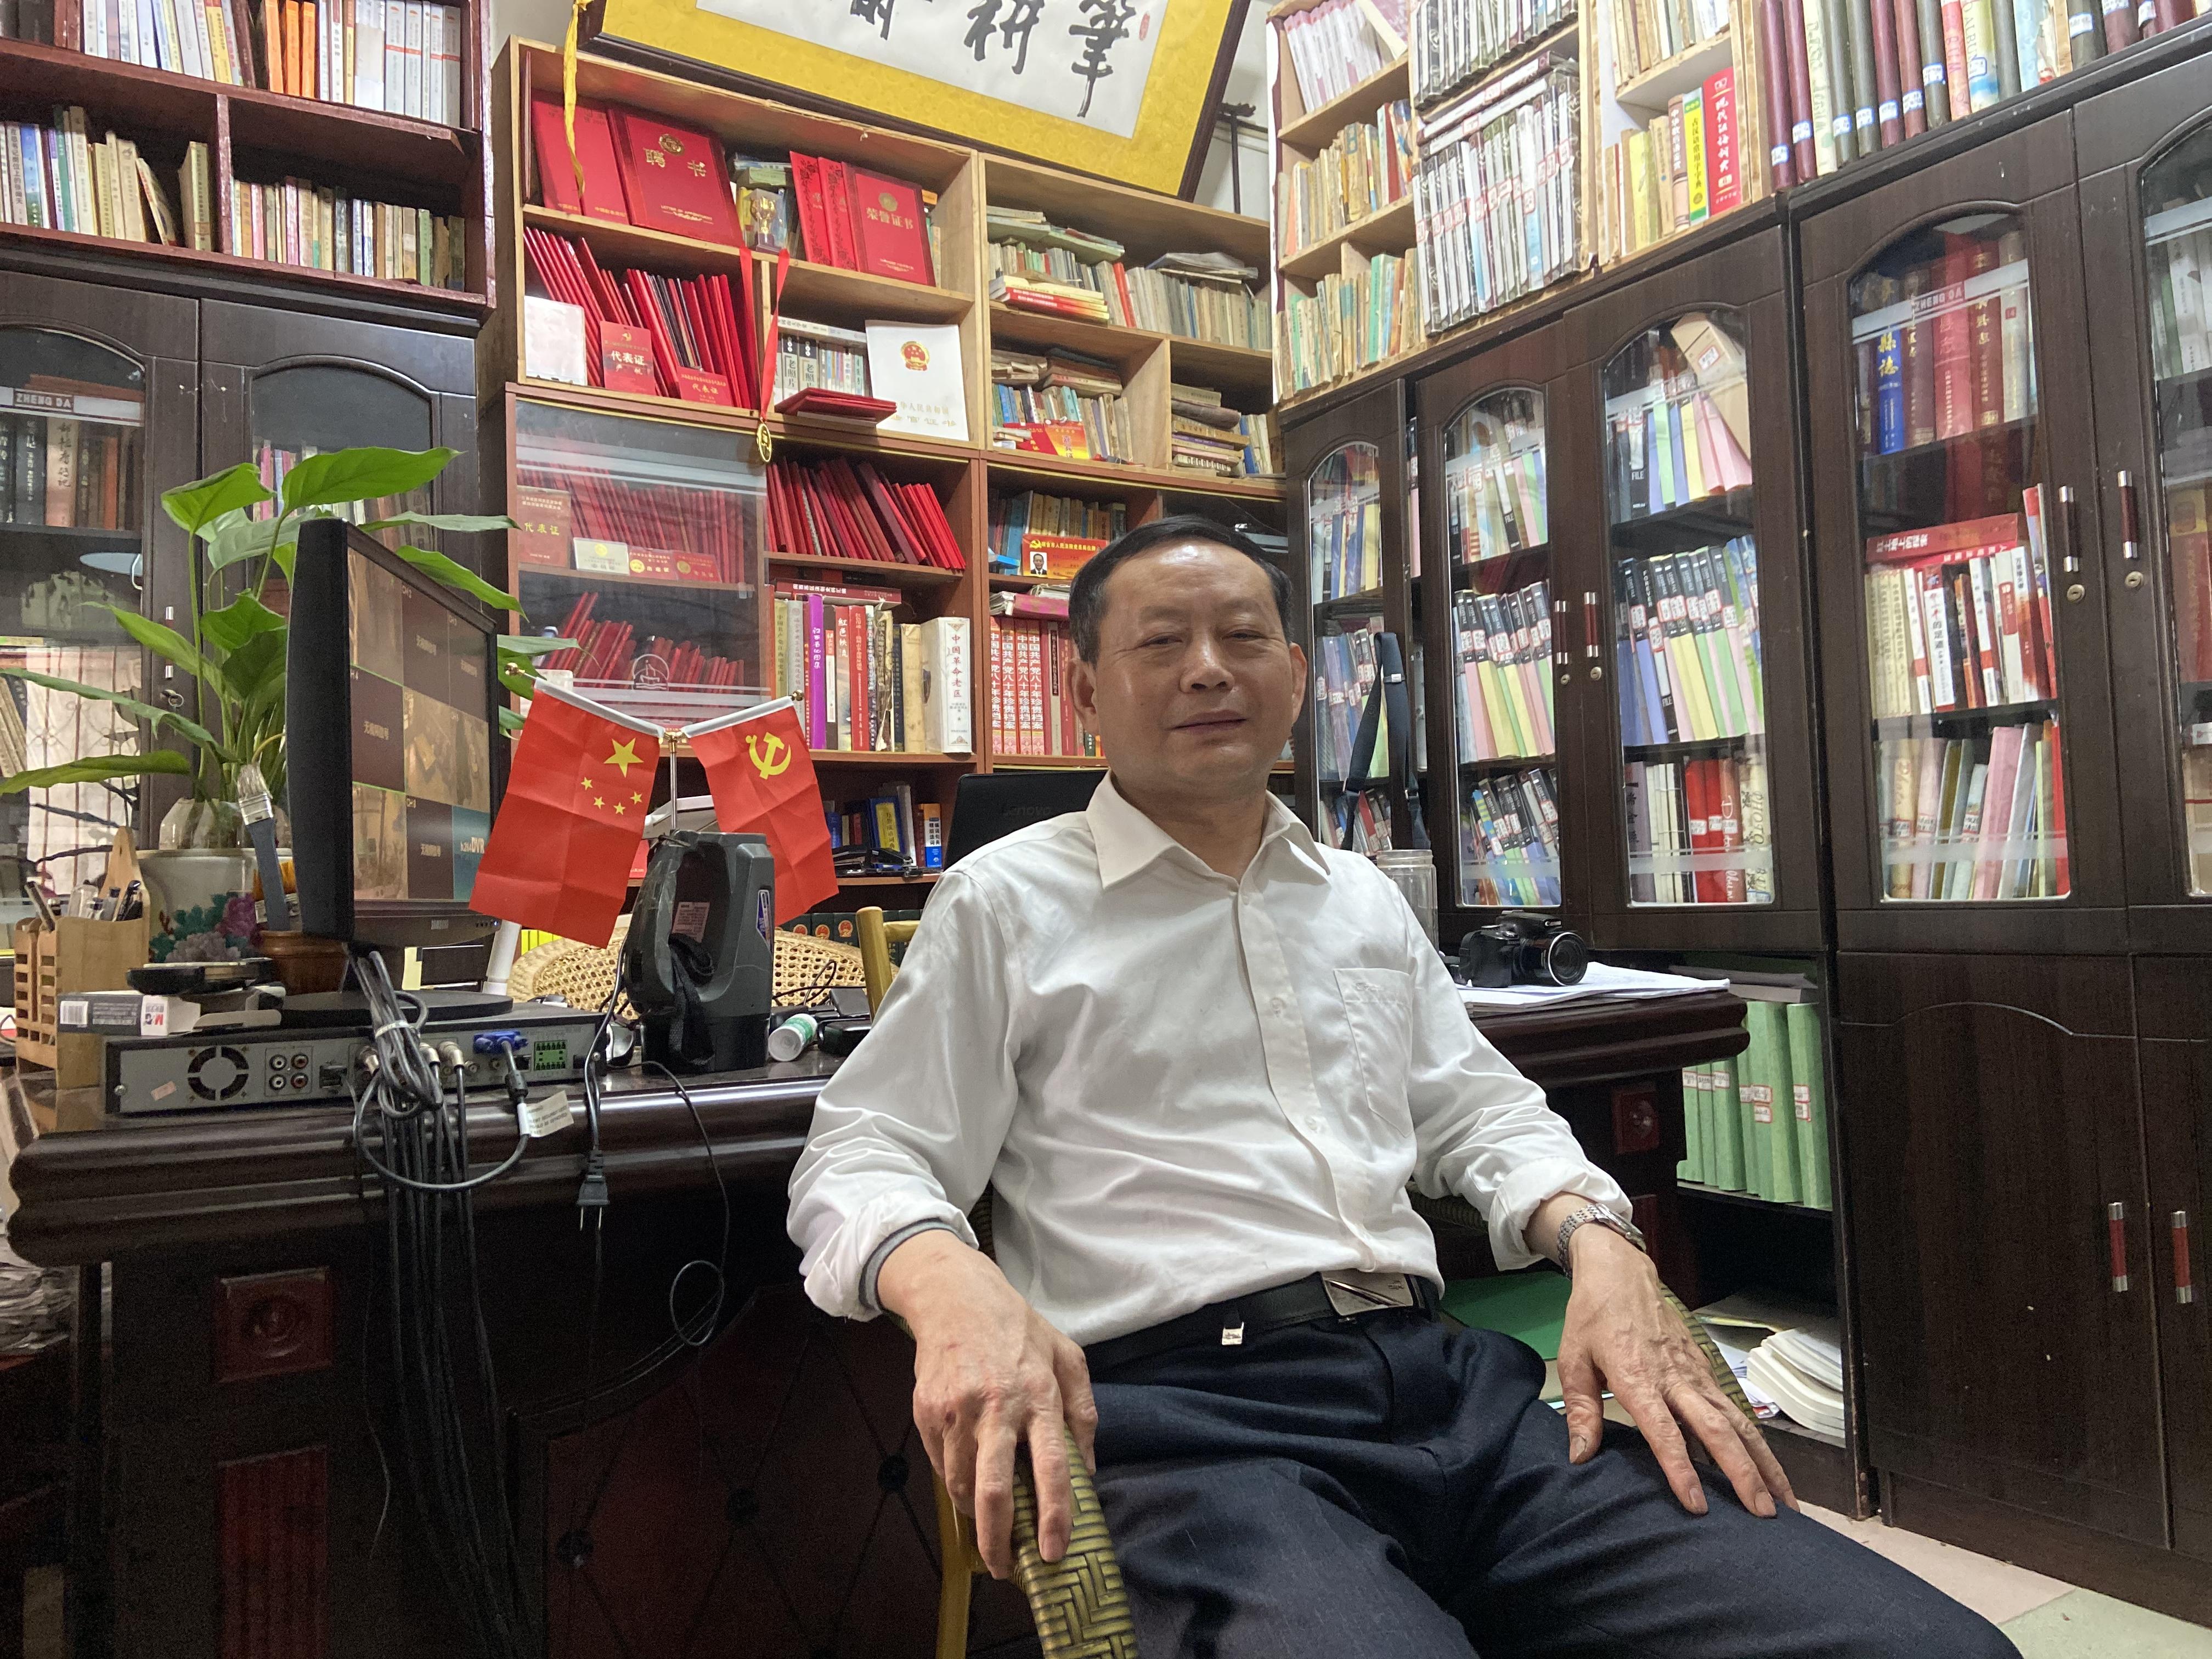 严帆和他的工作室。澎湃新闻记者 赵思维 摄